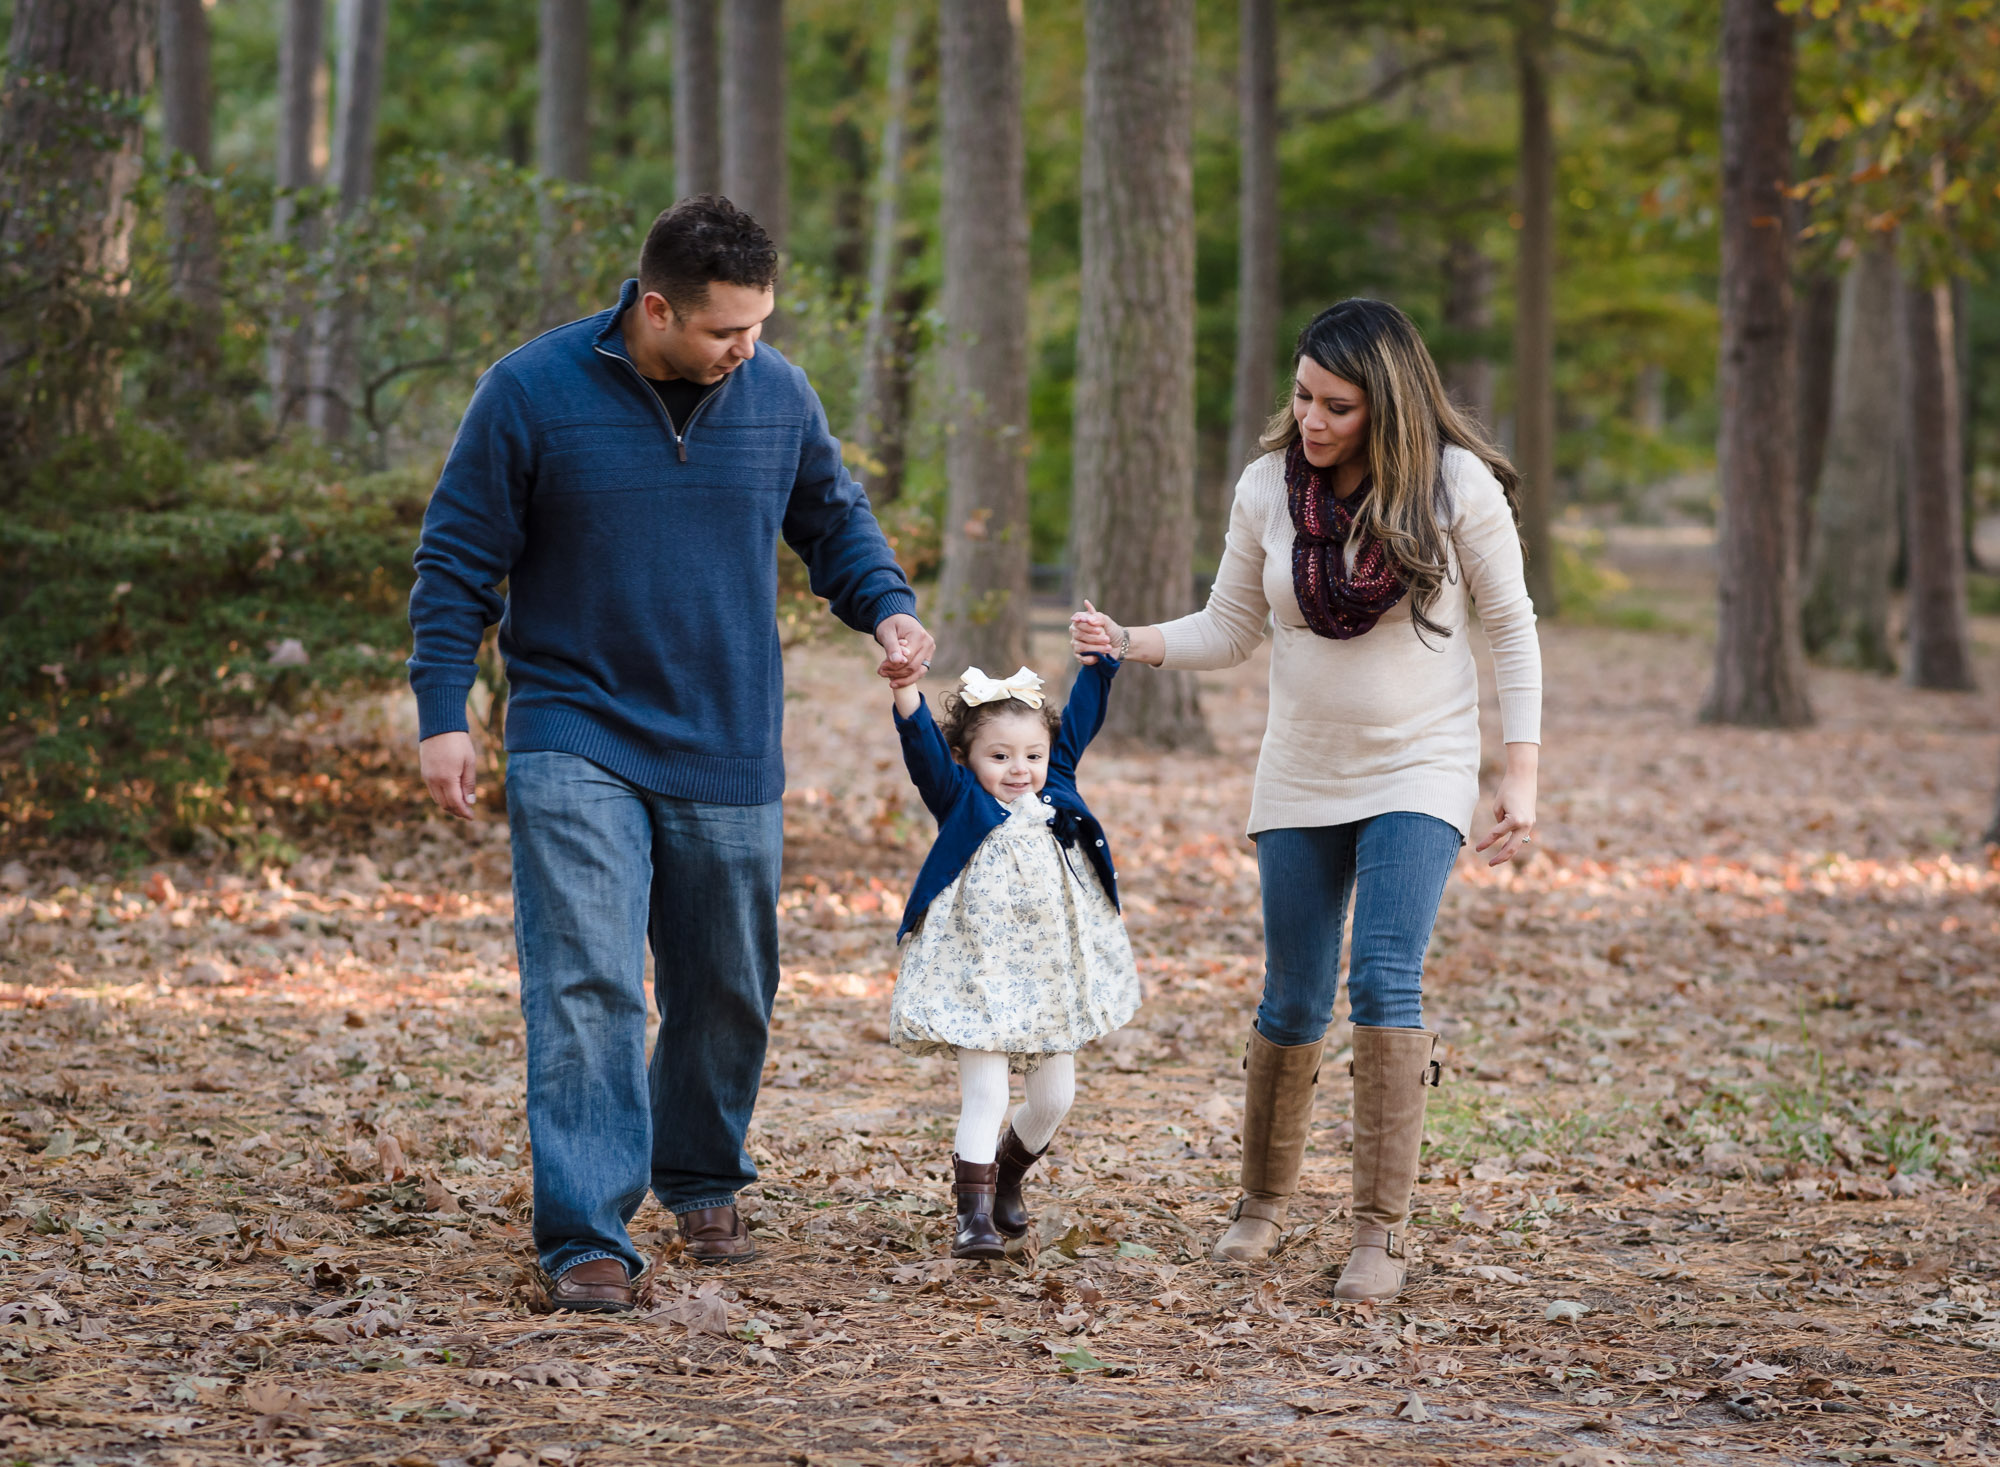 virginia beach family portraits, bayville farms family photographs